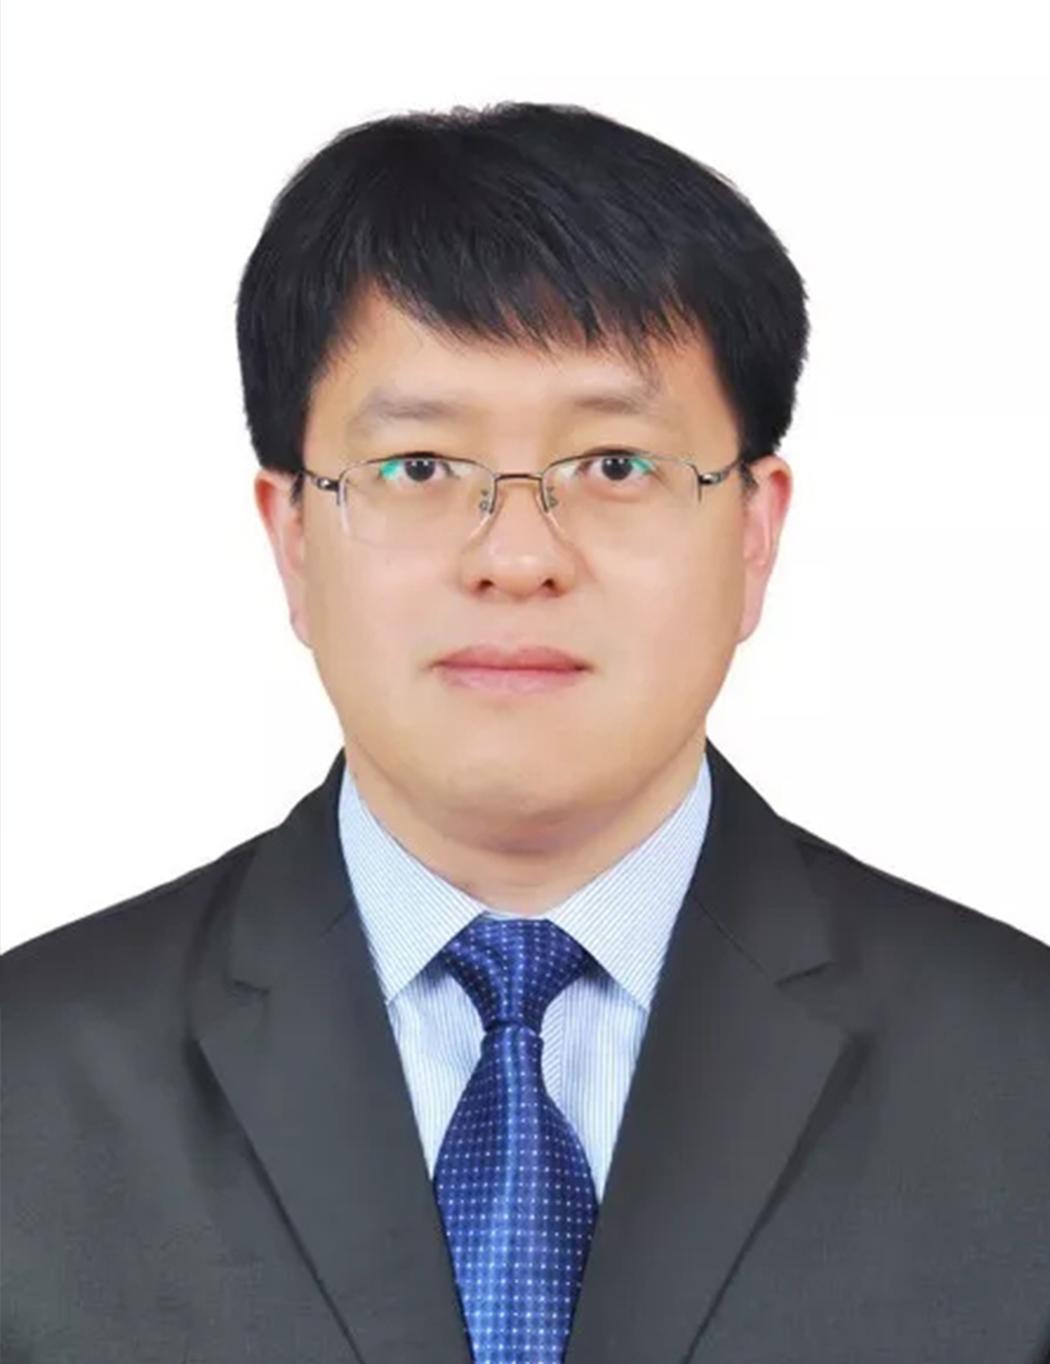 012李鲁峰